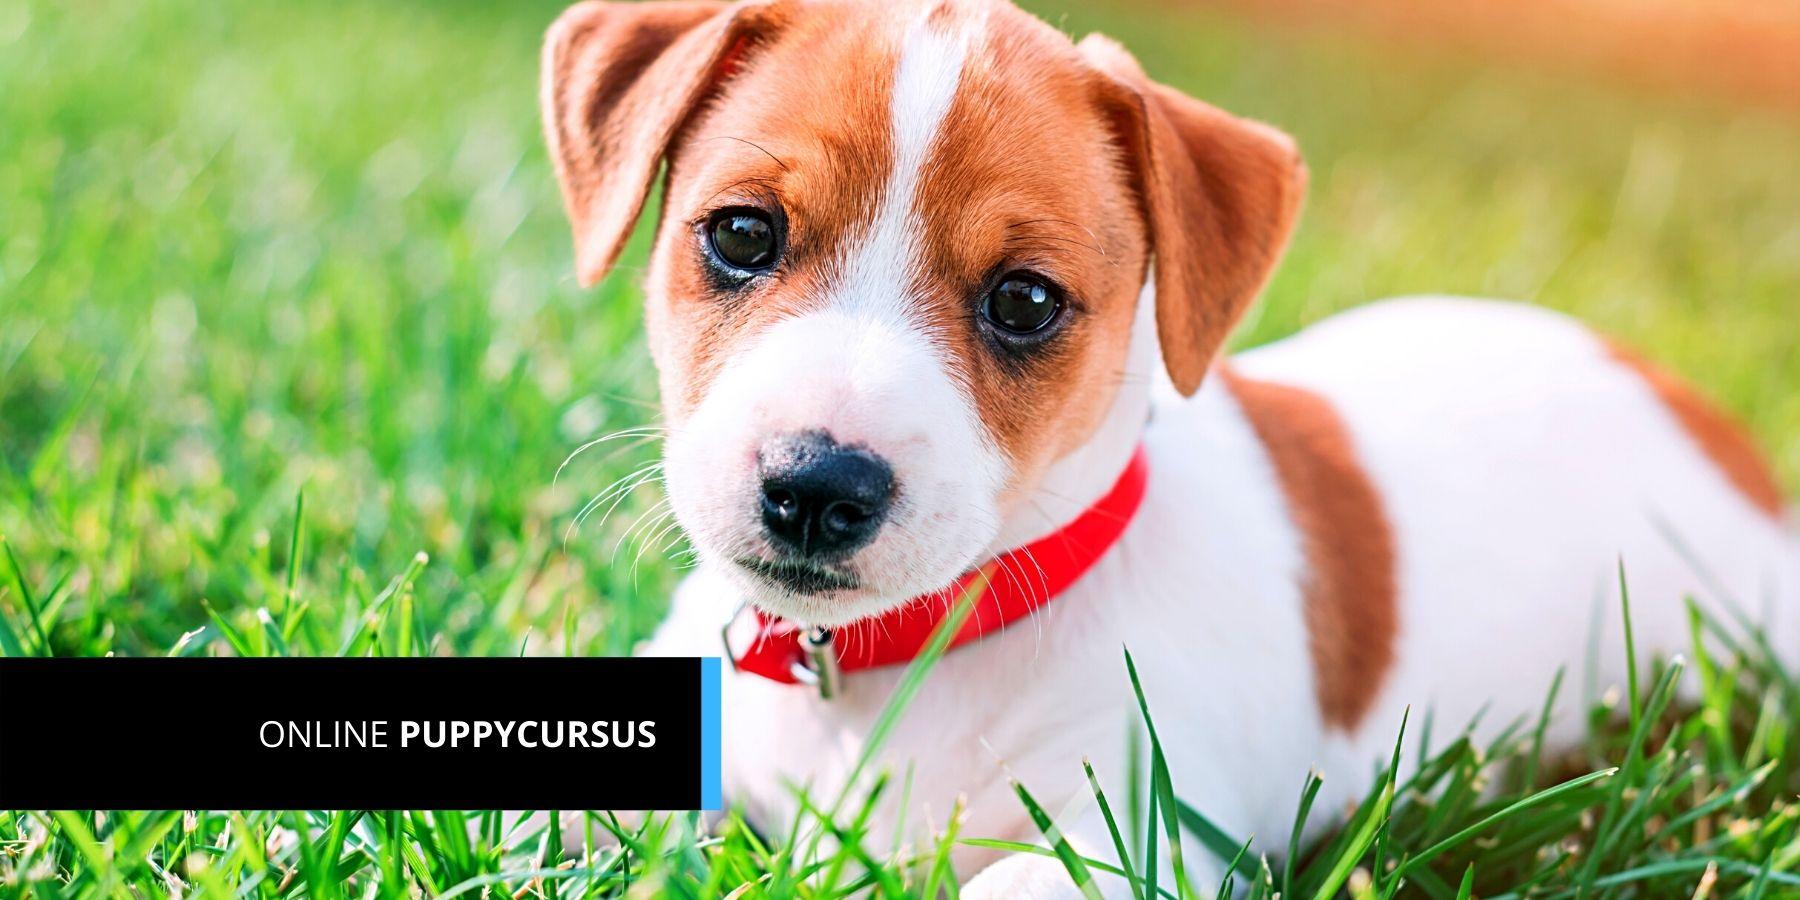 Online Puppycursus